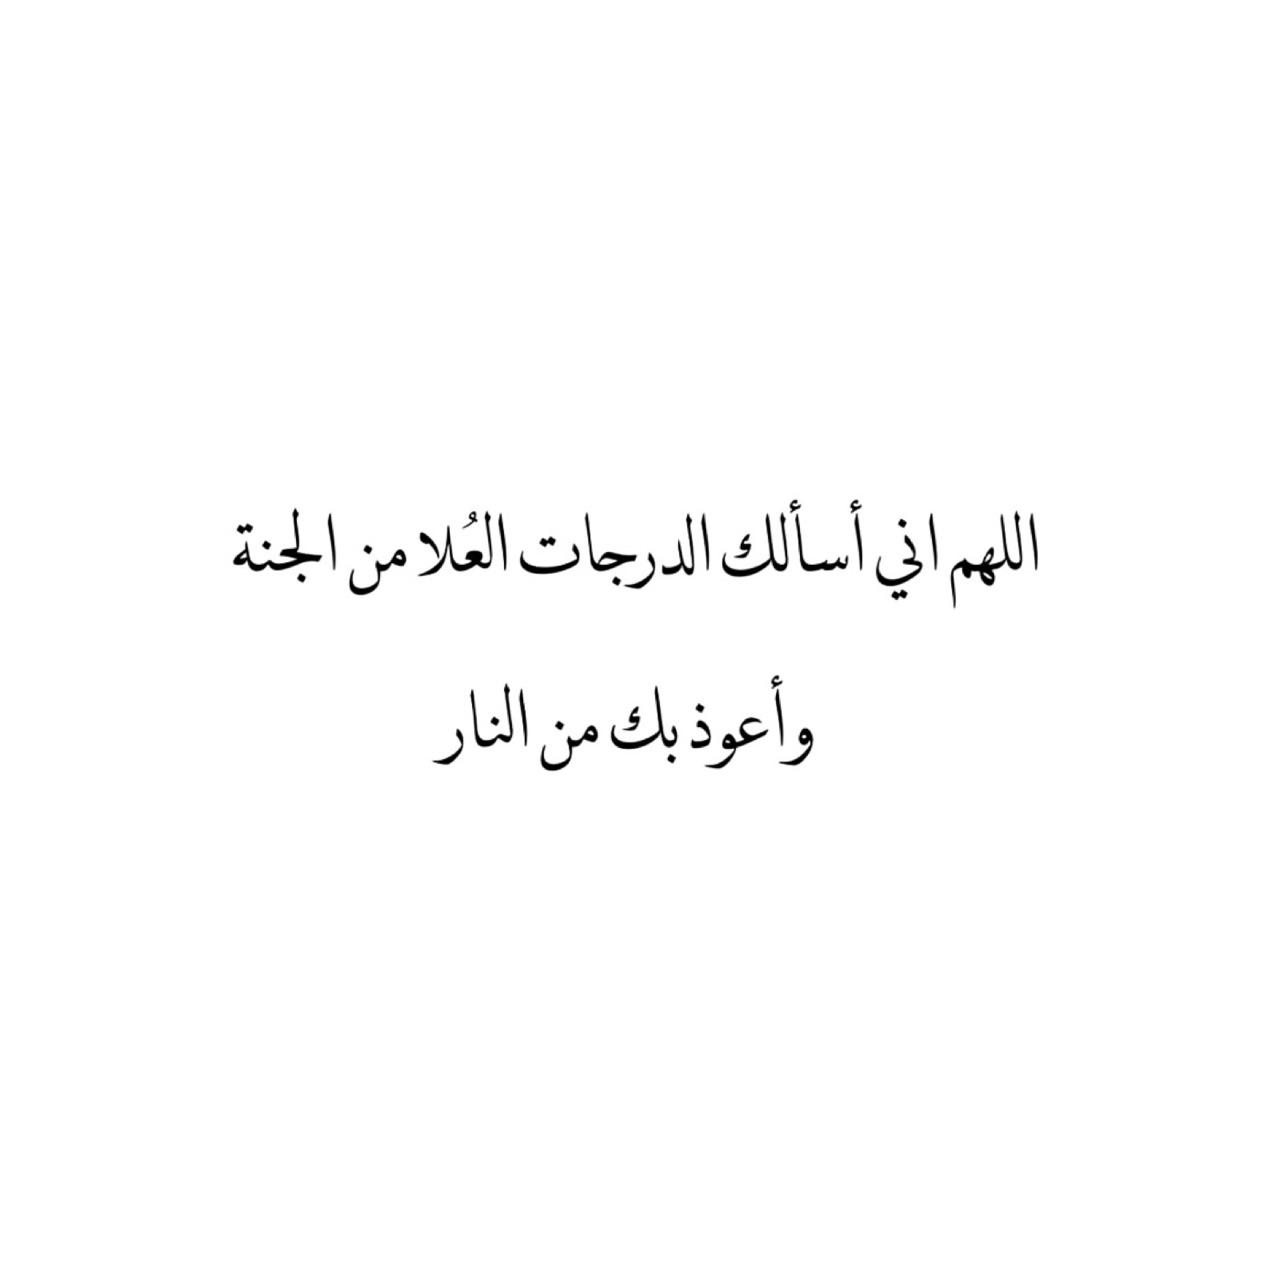 islam muslim, quotes quran, and سيد اﻻستغفار image